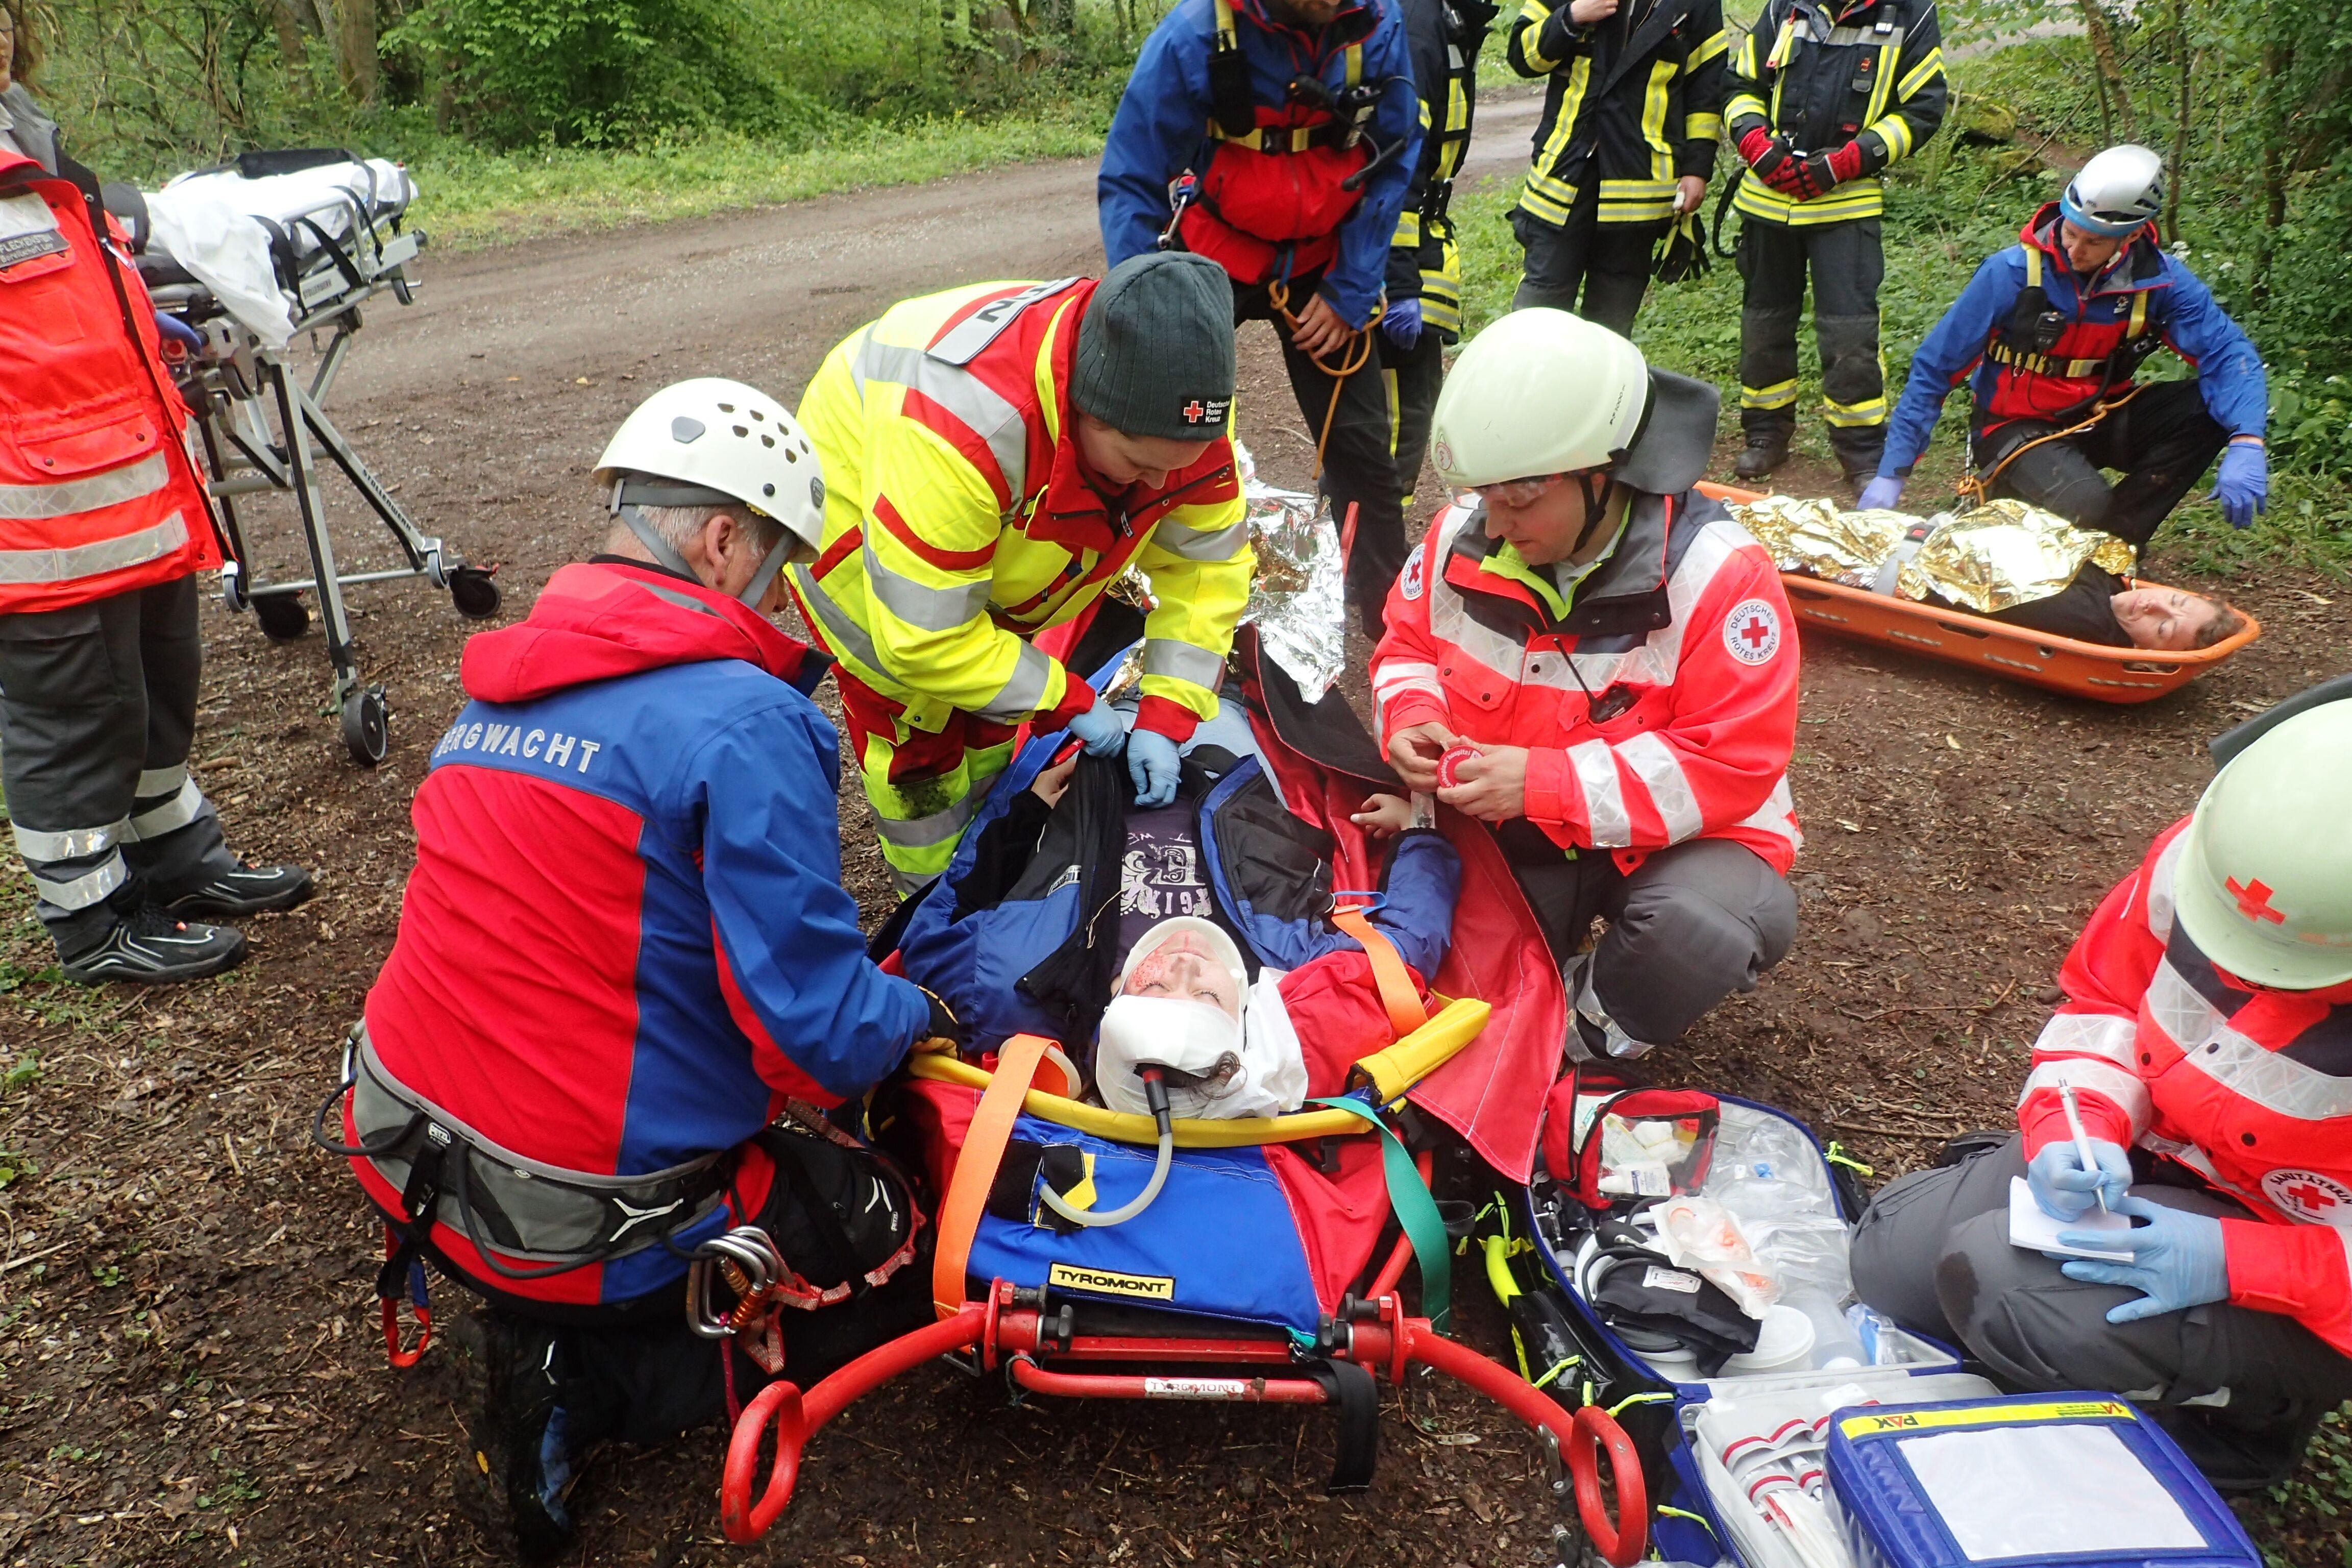 Die Markt Triefensteiner Feuerwehren Homburg und Trennfeld sowie die Bergwacht Frammersbach retteten die betroffenen Personen. Foto: BRK